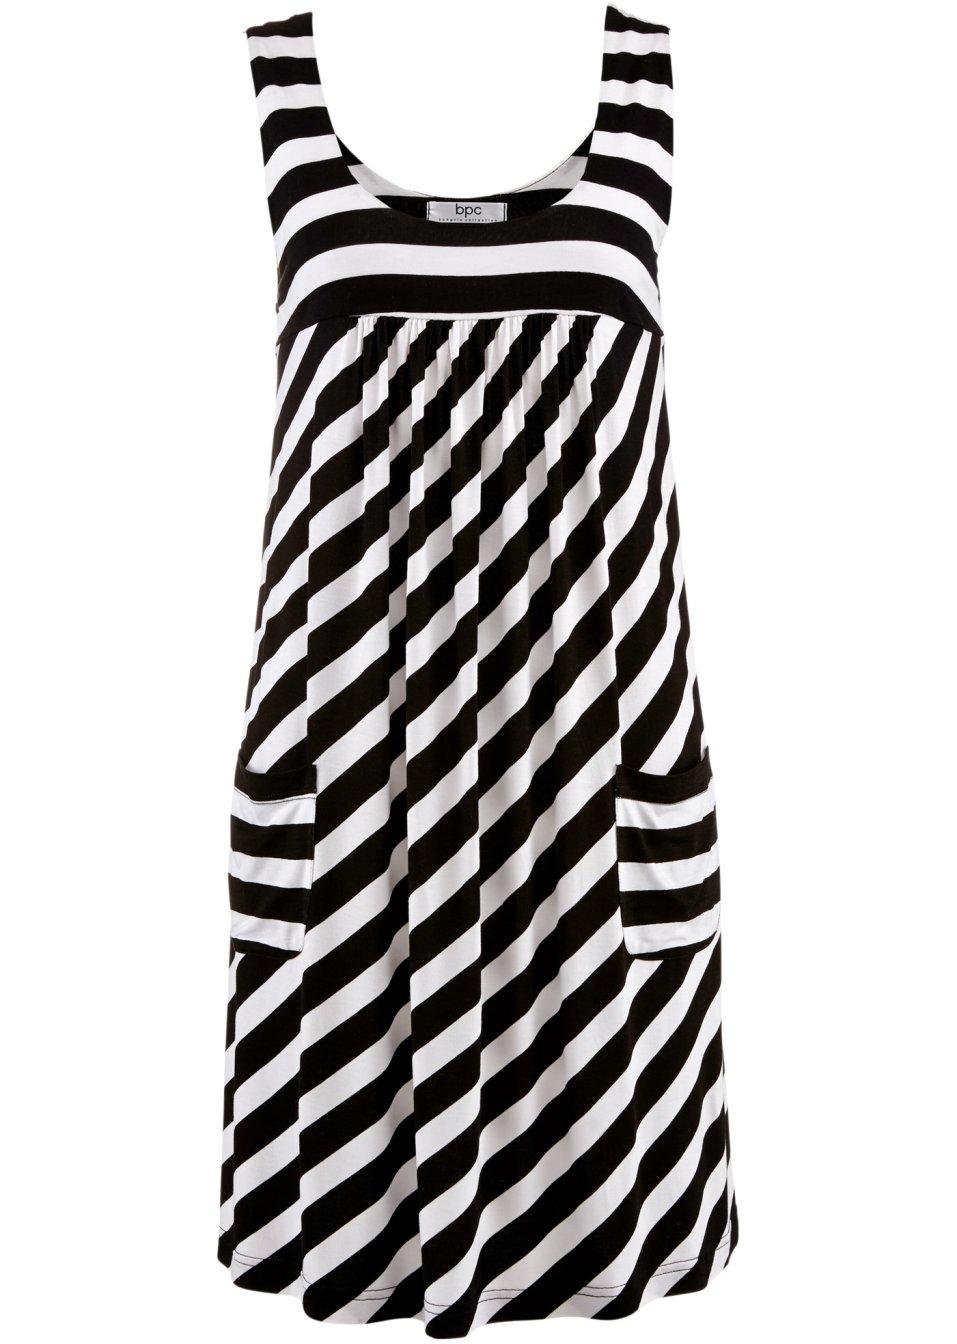 luftiges jersey stretch kleid mit aufgesetzten taschen schwarz wei gestreift. Black Bedroom Furniture Sets. Home Design Ideas